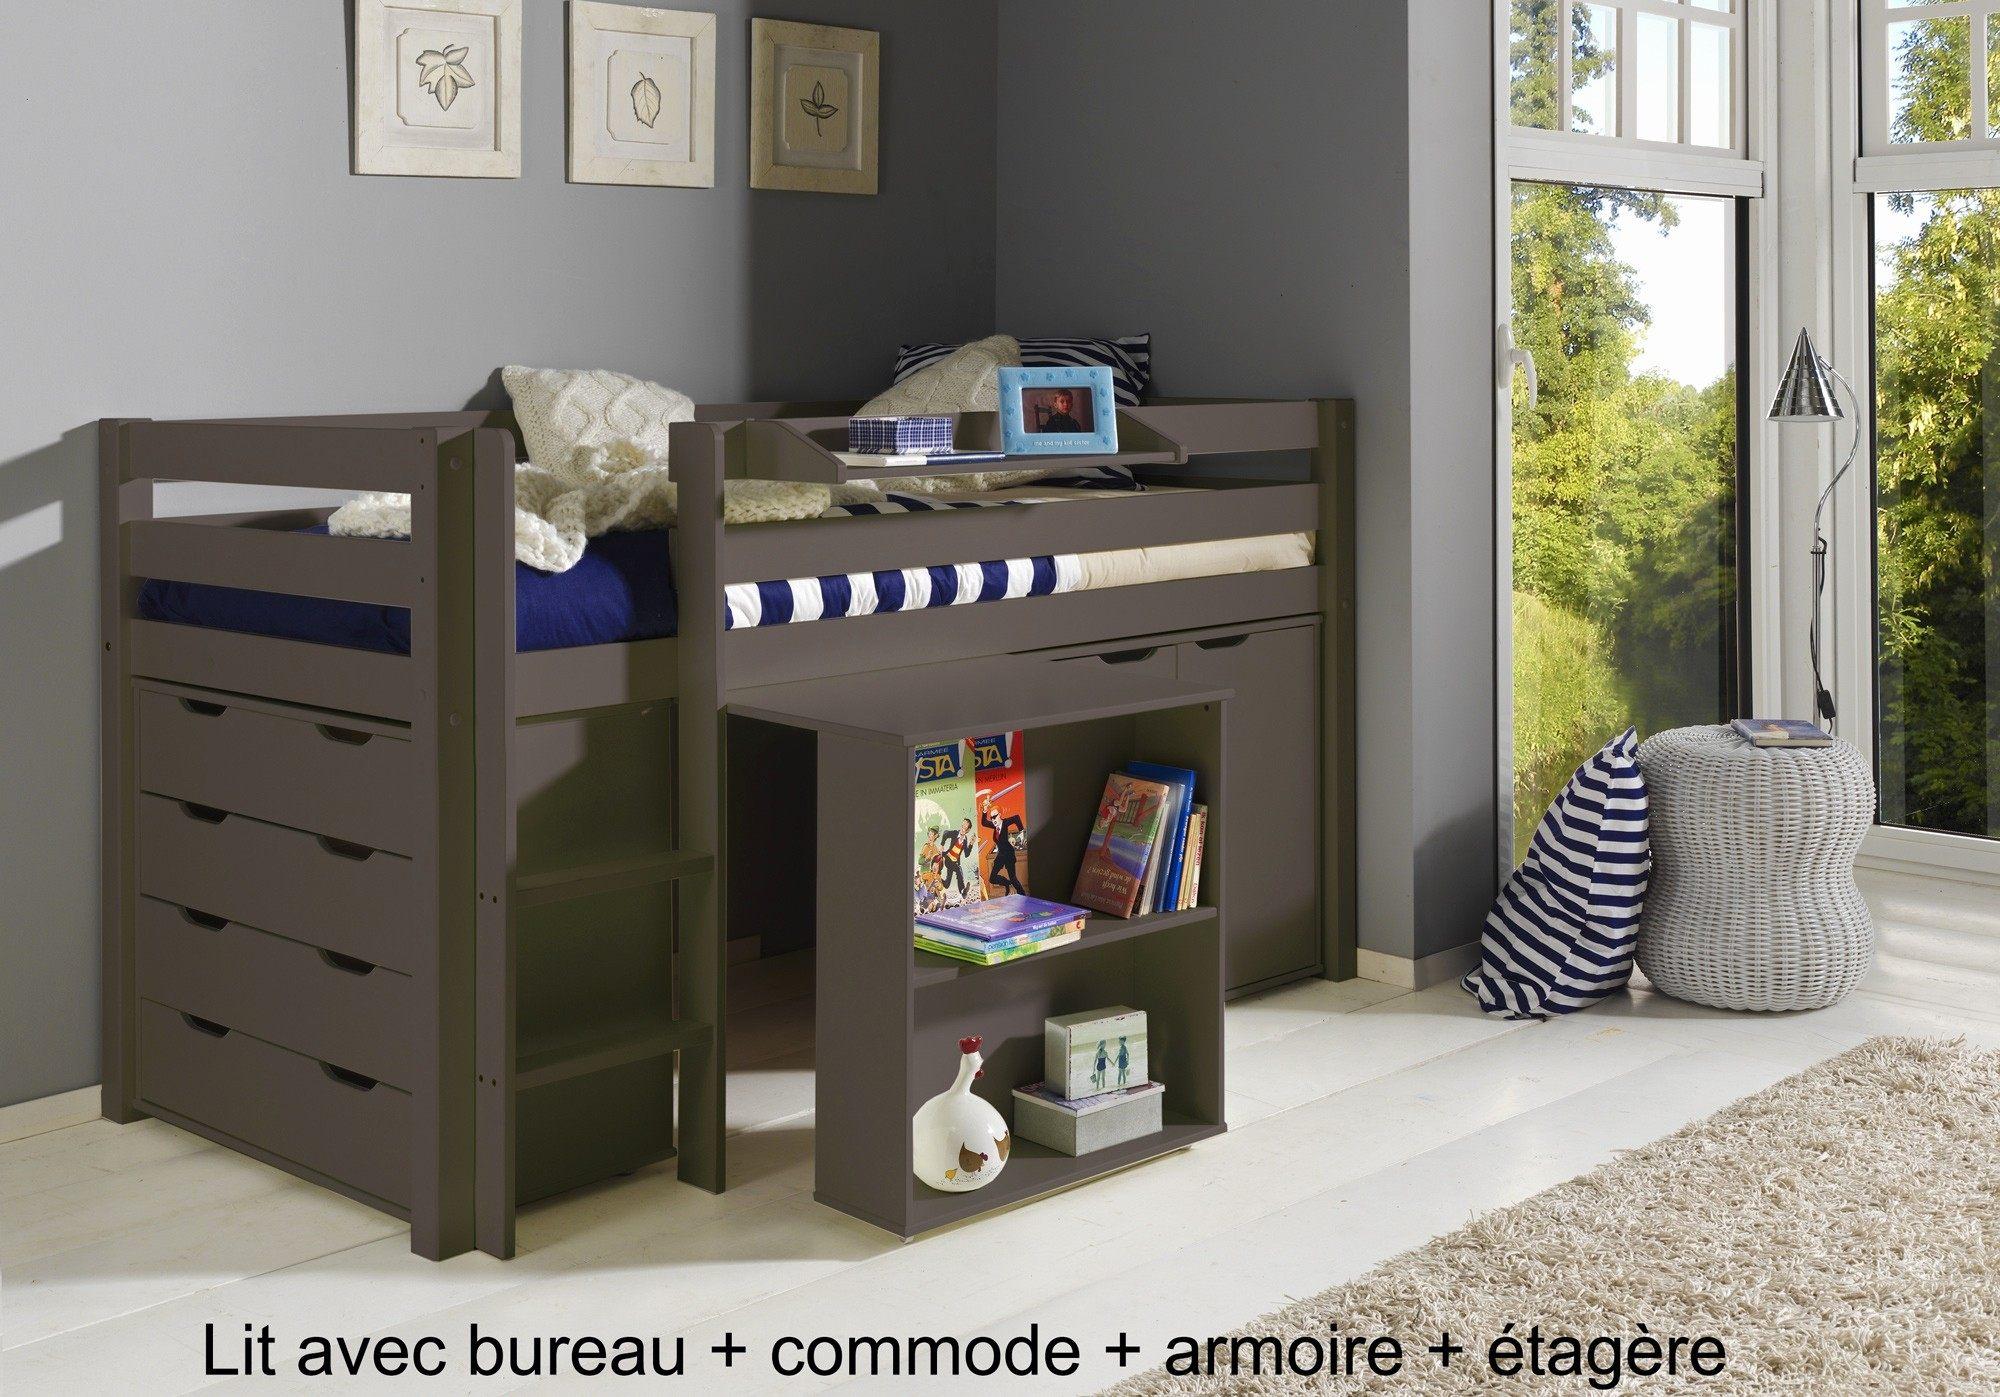 Lit Superposé Combiné Le Luxe Intéressant Lit Biné Armoire Bureau Ou Lit Biné Armoire Fresh Lit